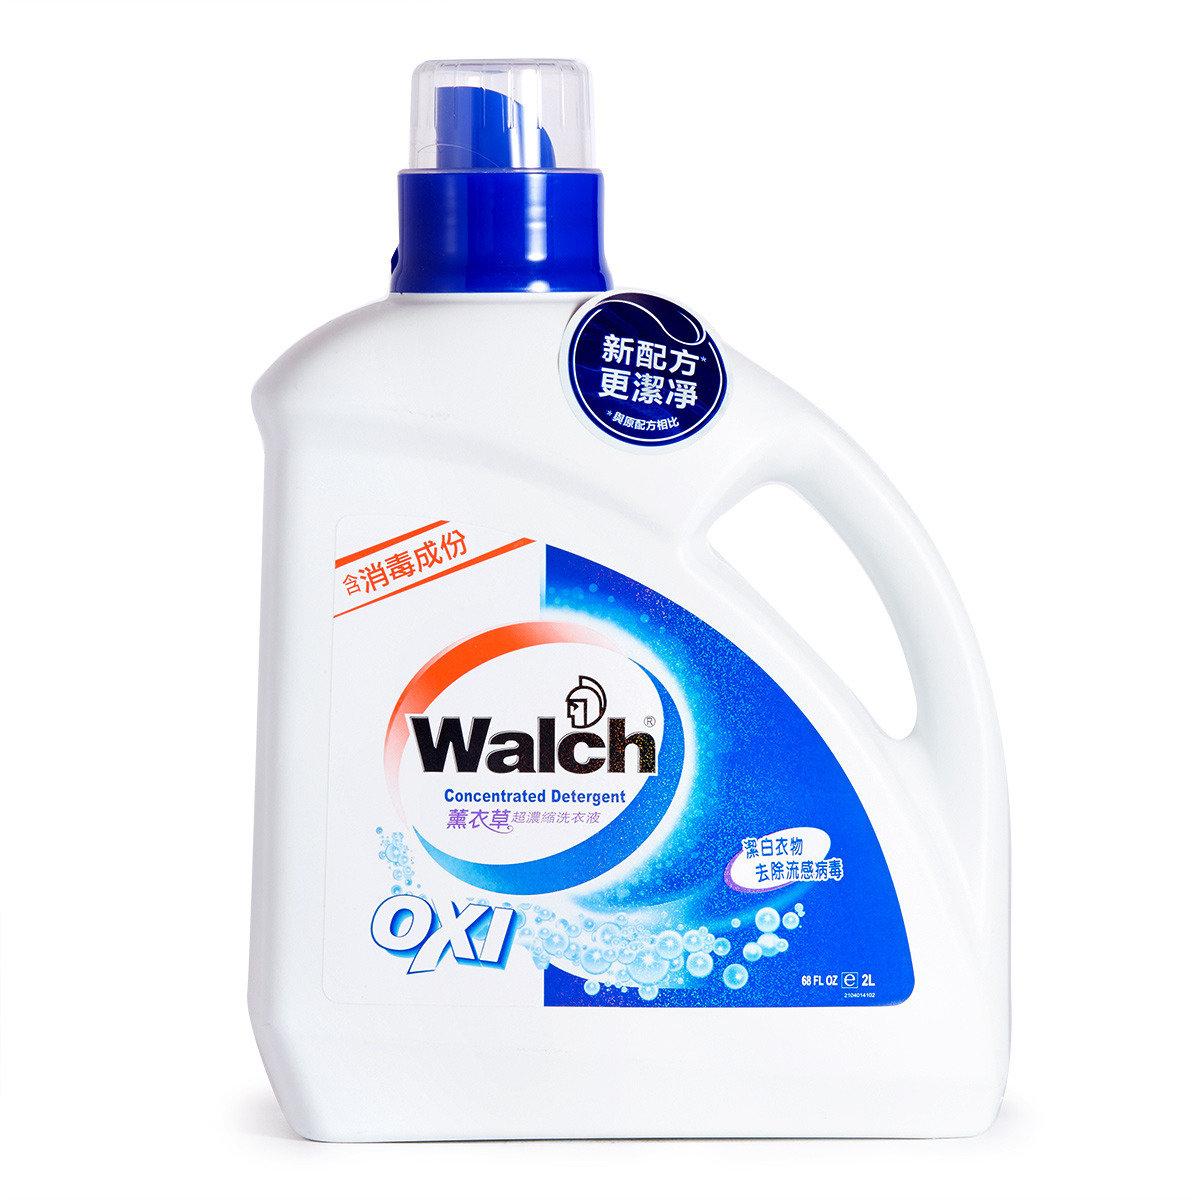 薰衣草超濃縮消毒洗衣液